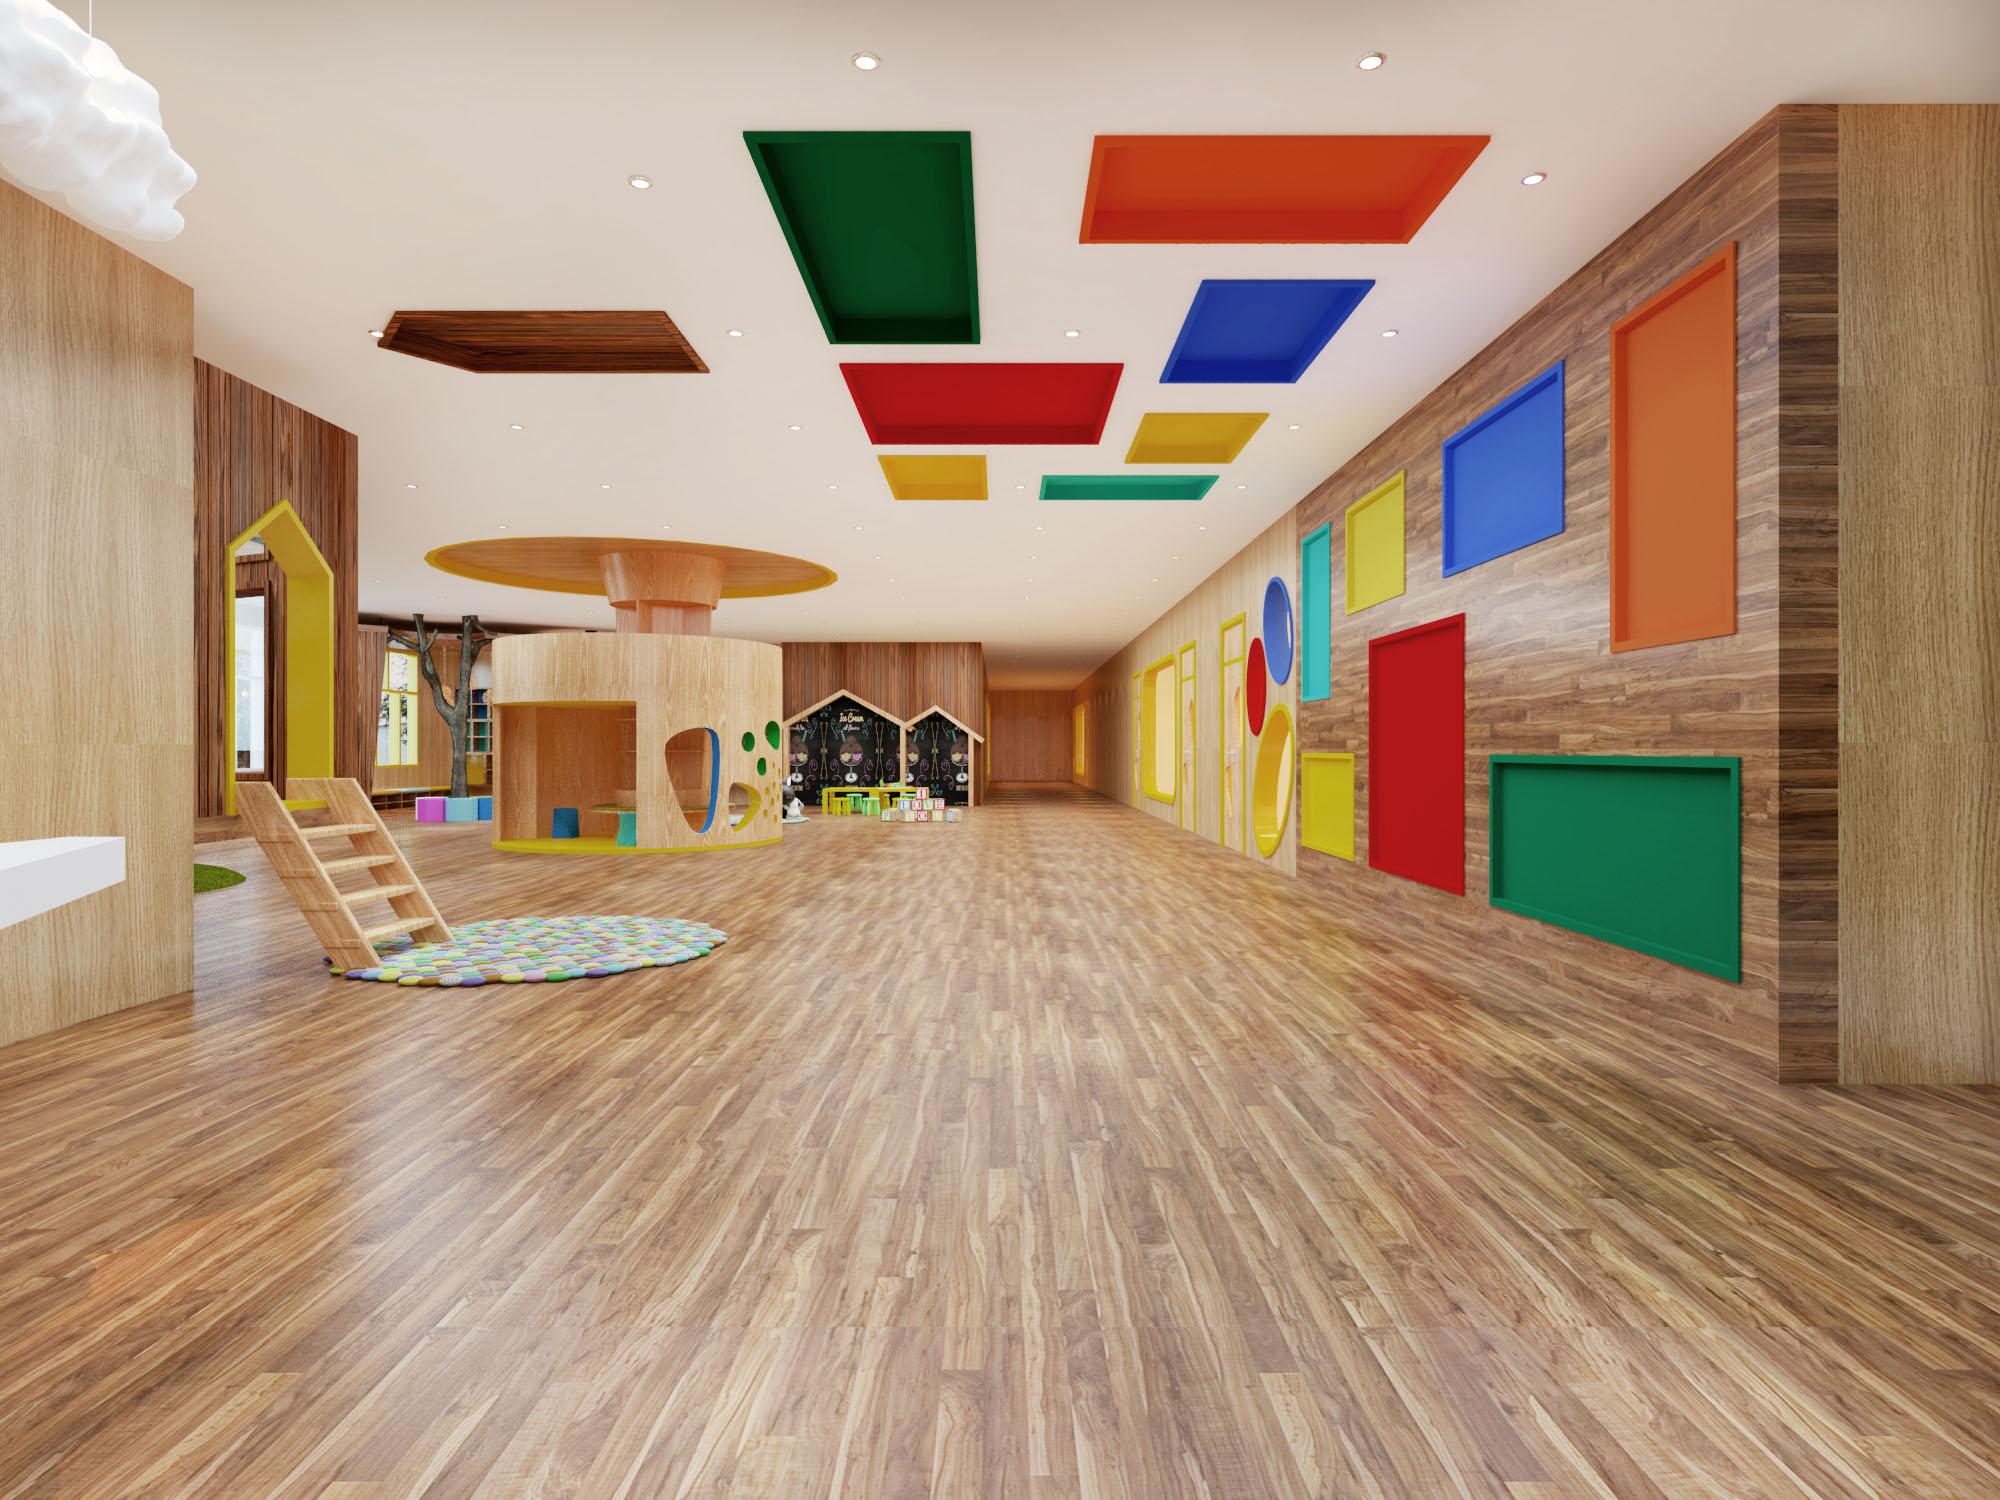 """首先,墙体和室内造型因以卡通、可爱为主,设计师要站在孩子的角度想问题,用孩子的眼光看世界。所有的台阶、扶手。门、窗等物品都要复合孩子们的使用特点,室内小凳子、小桌子、小椅子、小楼梯、图书区的小矮凳等,尽可能为孩子们营造一个""""小人国"""",室内装饰物也要很""""卡哇伊"""",比如像蘑菇一样的玩具树,矮小的像房子一样造型的涂鸦墙,"""